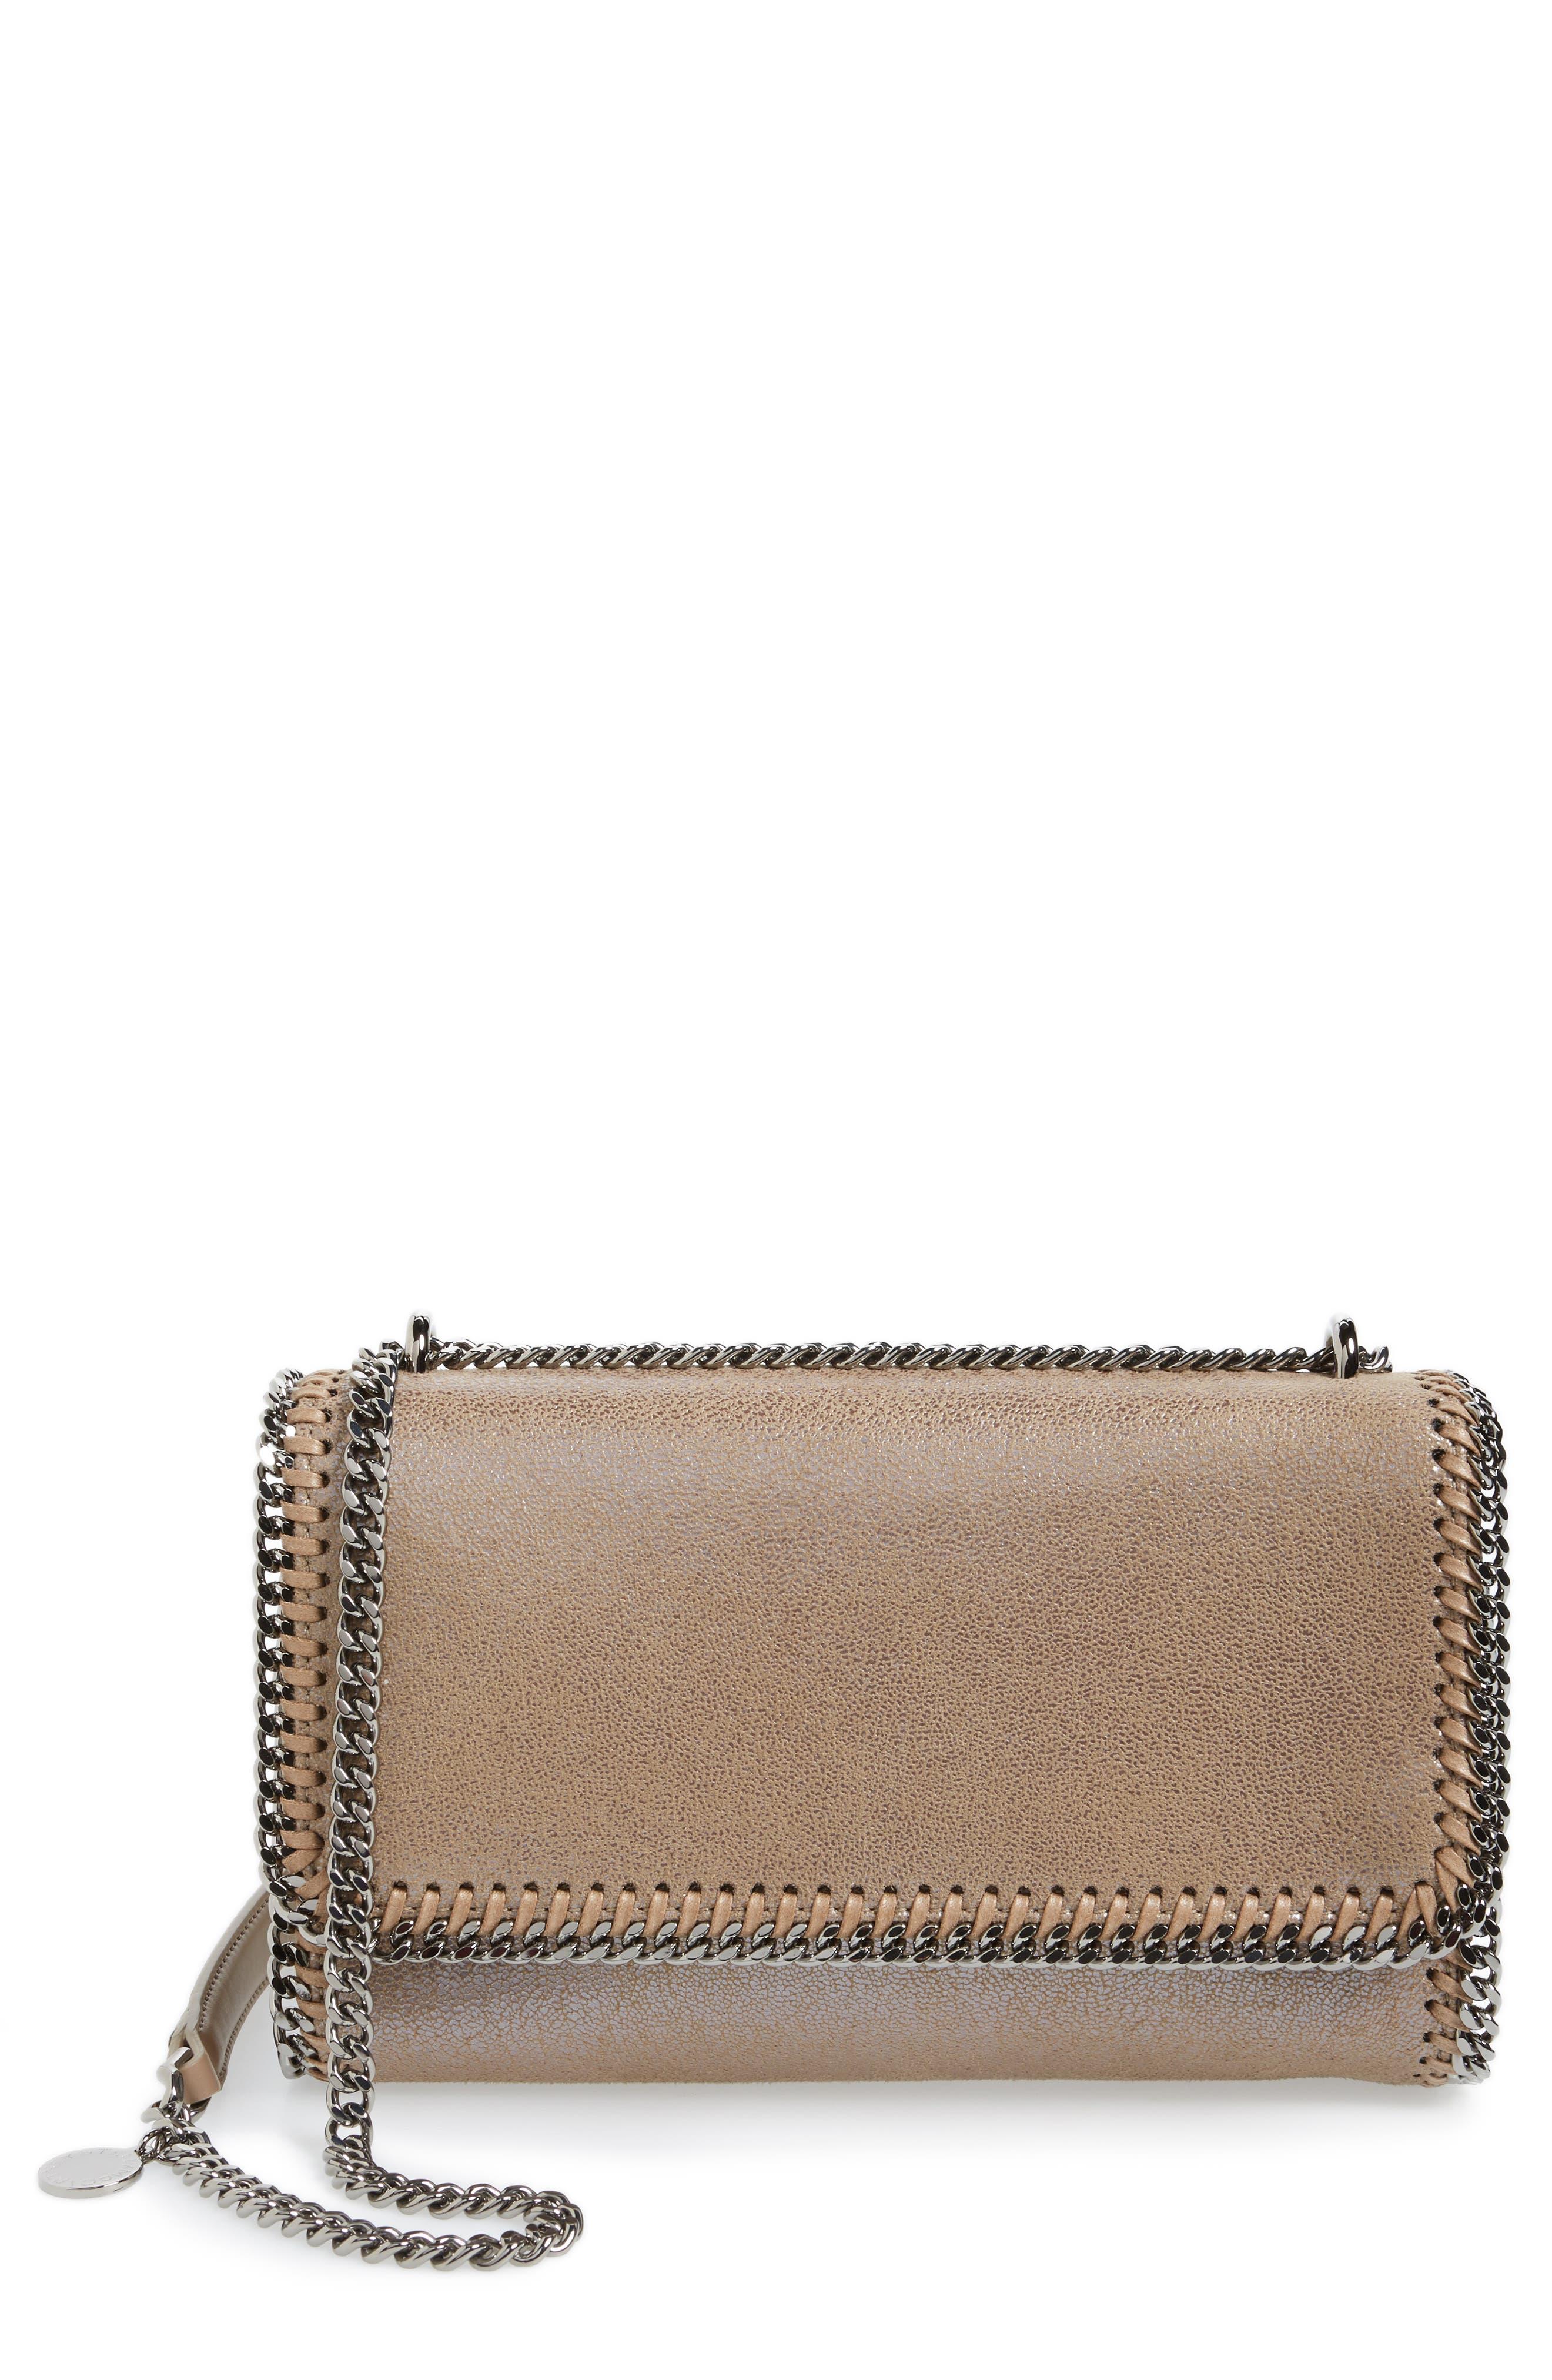 Alternate Image 1 Selected - Stella McCartney Faux Leather Flap Shoulder Bag